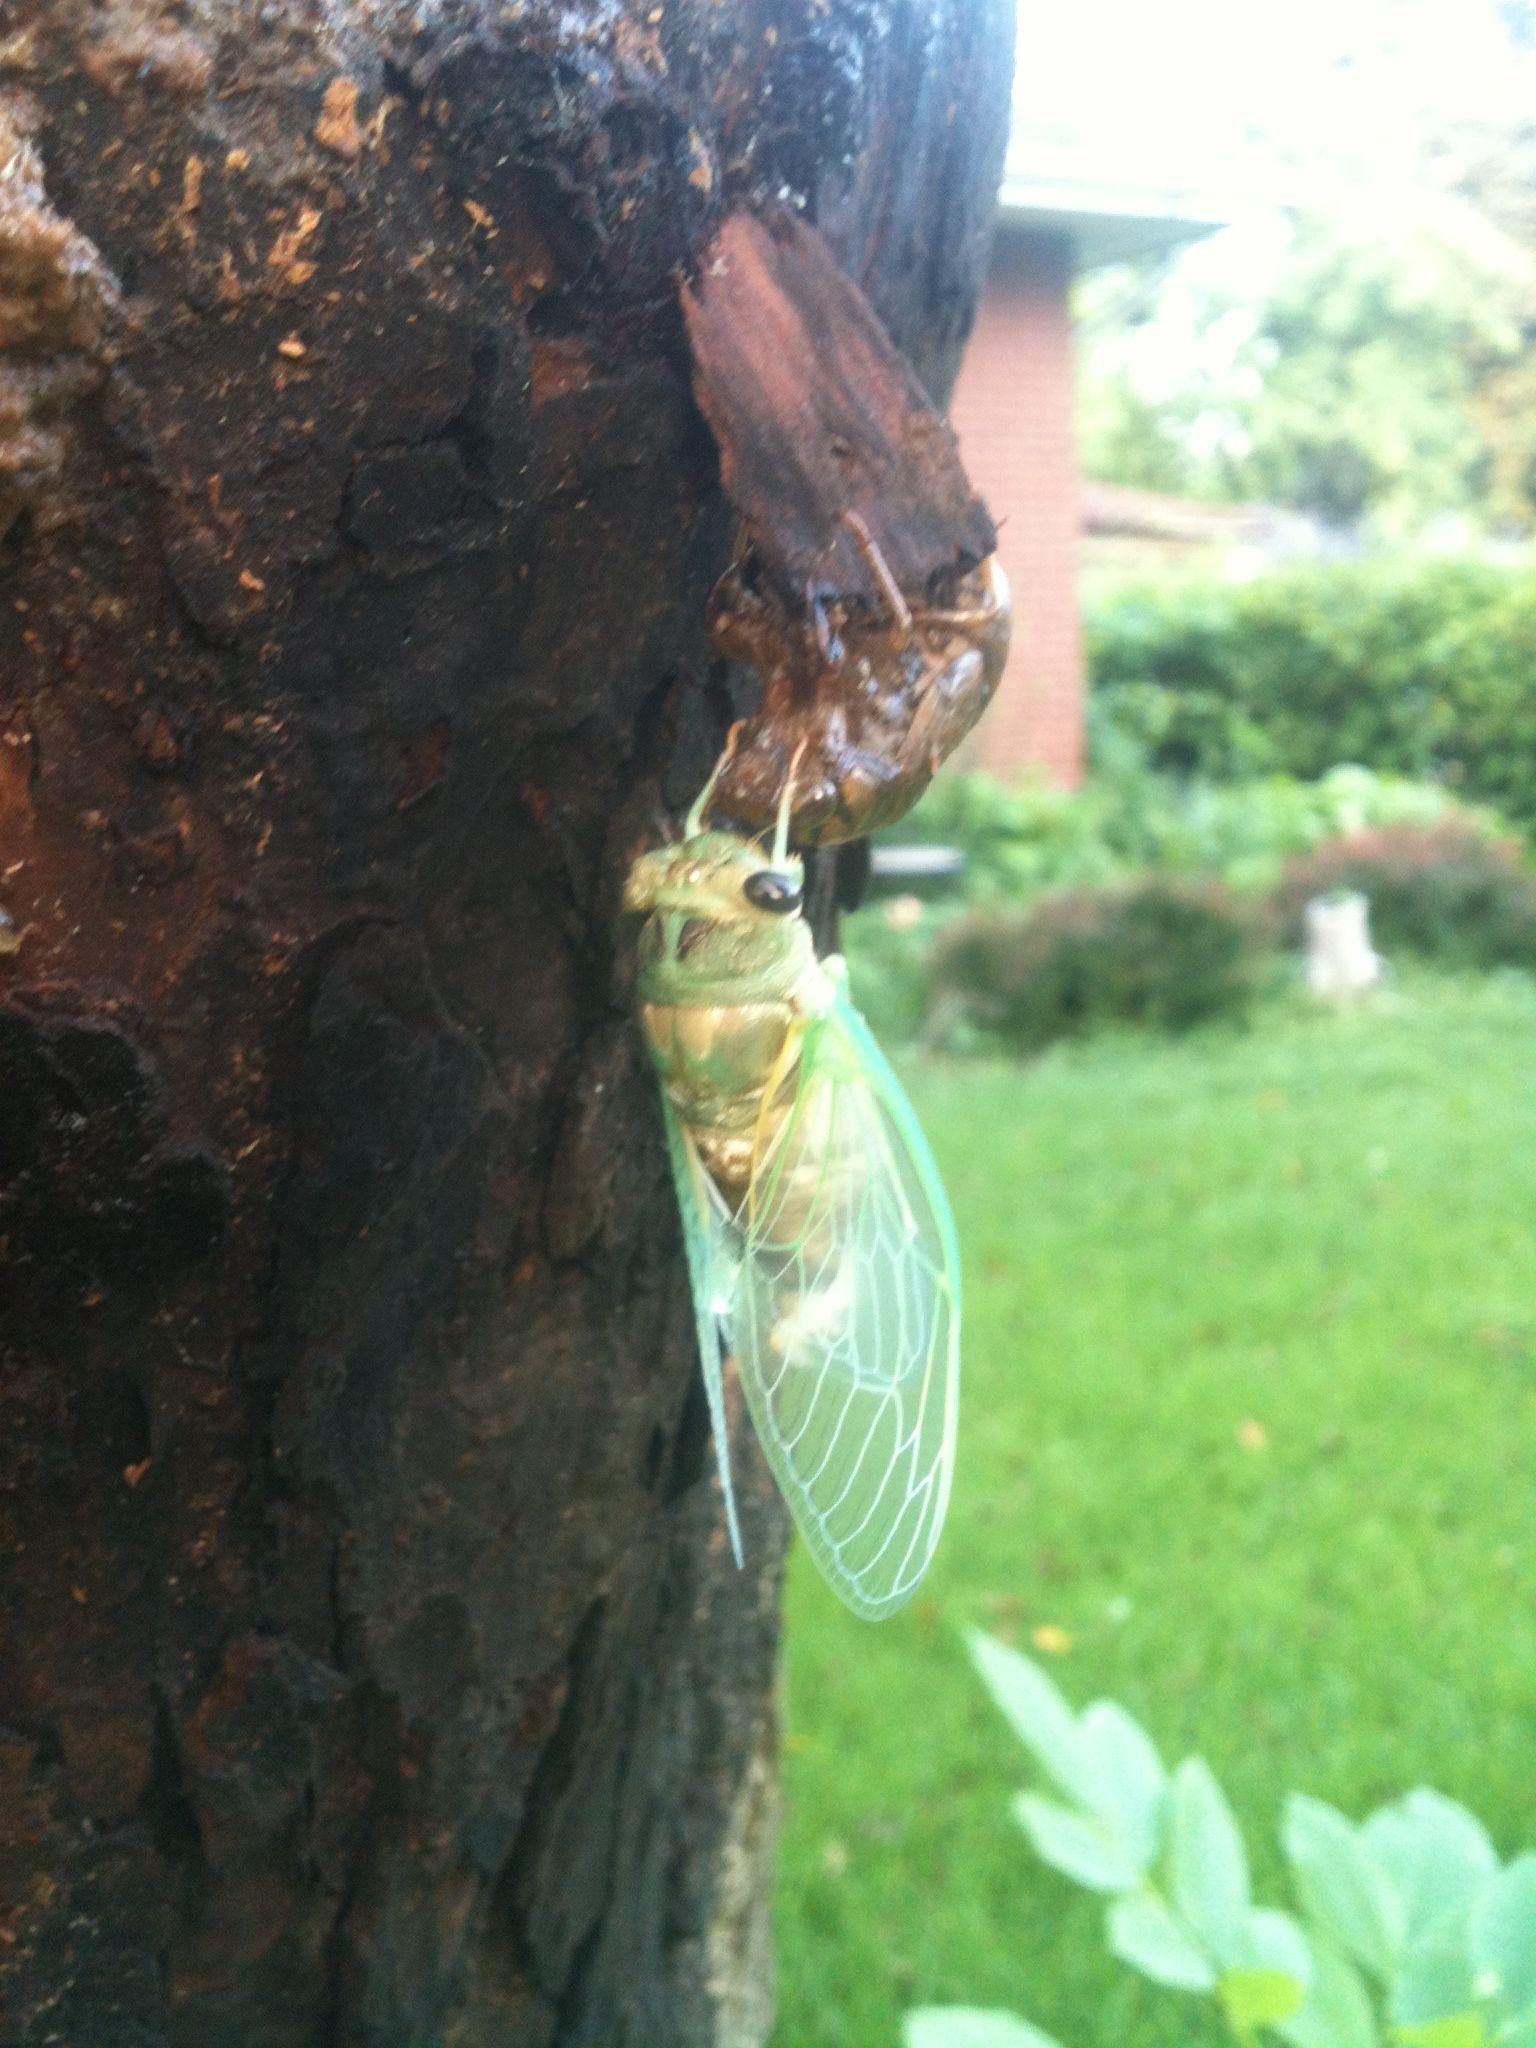 Neon green cicada! Pretty!